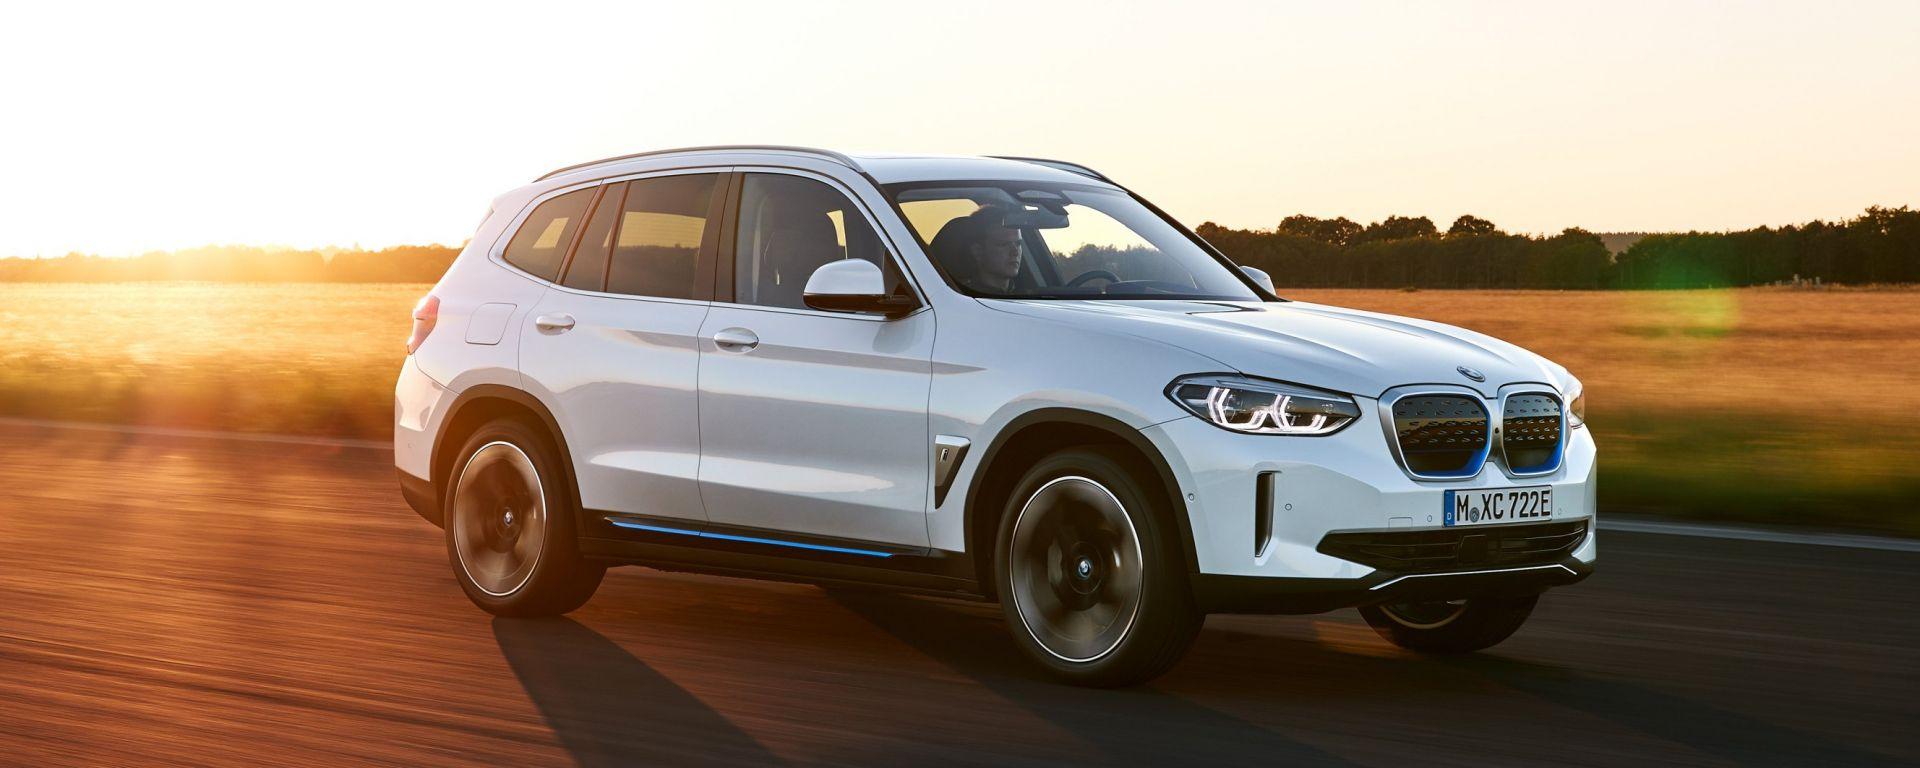 Nuova BMW iX3: il primo SUV elettrico della casa tedesca